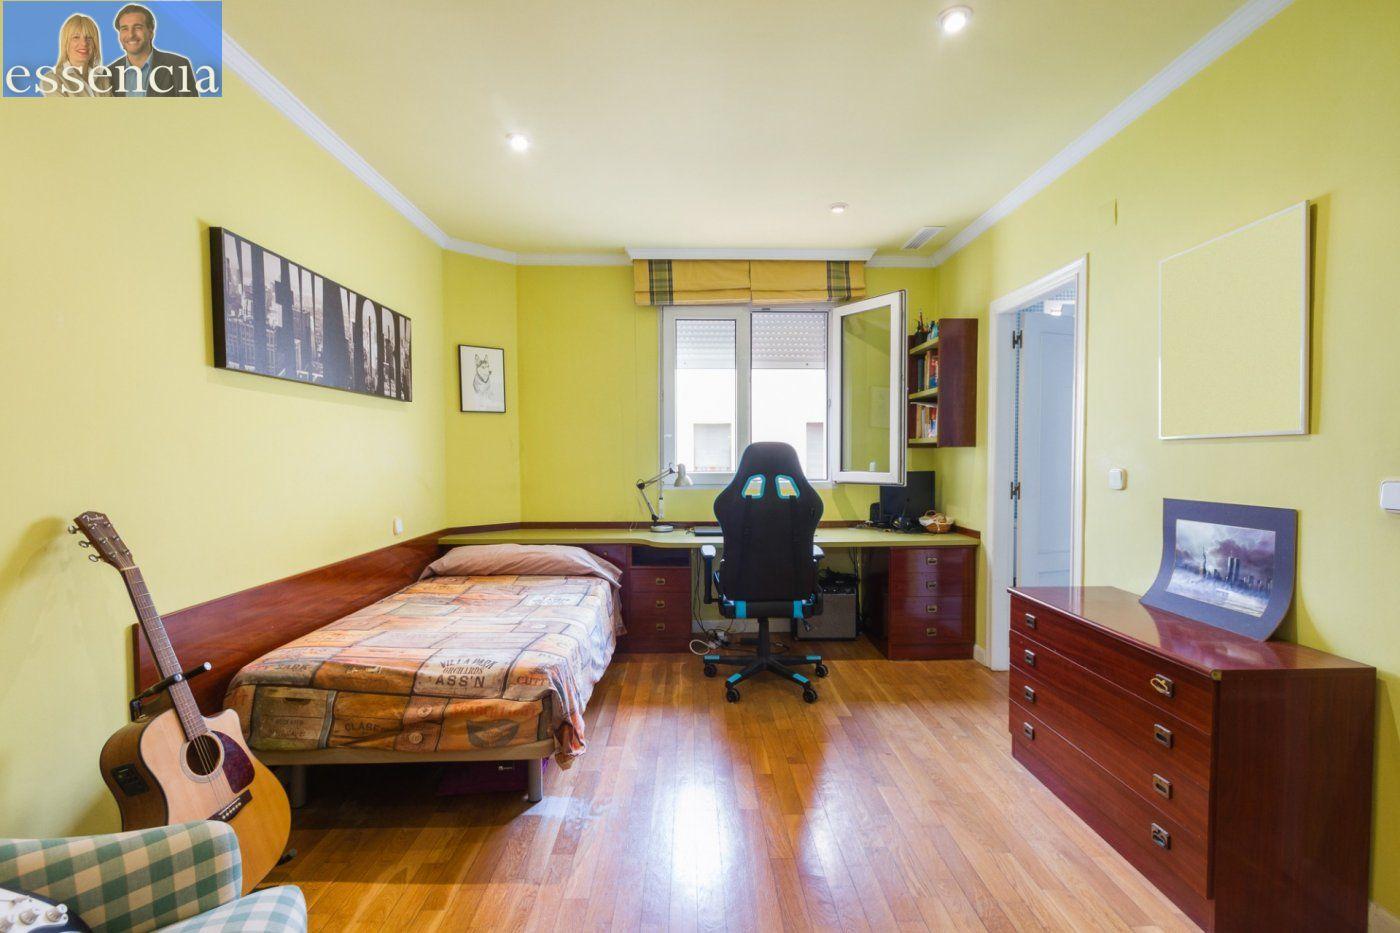 Casa con encanto en el centro de gandÍa para clientes vip - imagenInmueble24